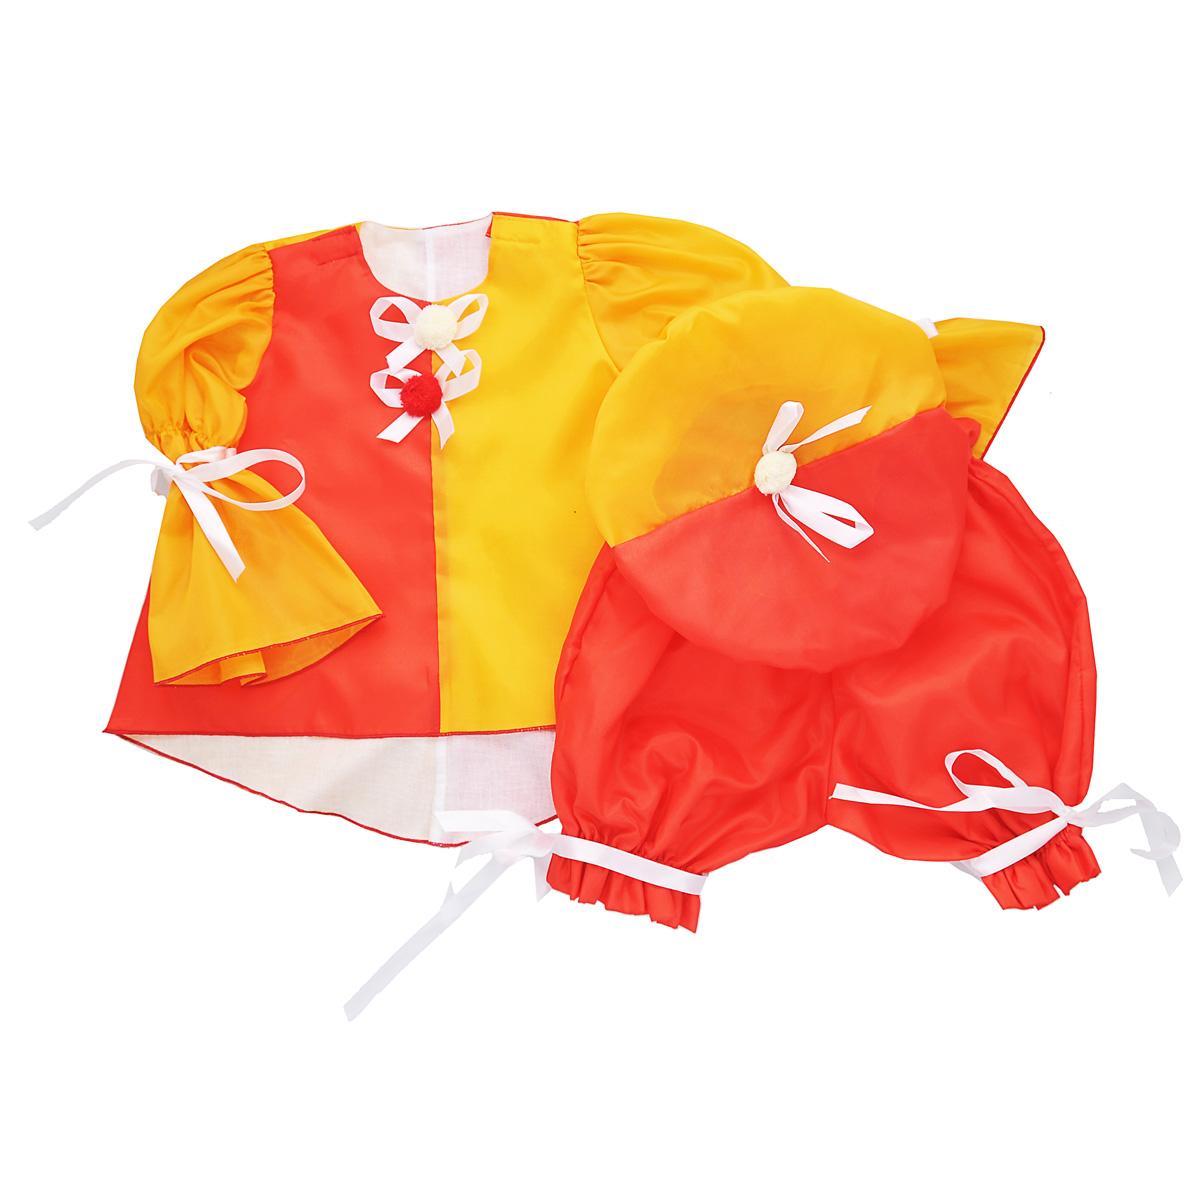 Карнавальный костюм для девочки Вестифика Клоунесса, цвет: красный, желто-оранжевый. 102 017. Размер 98/116 -  Карнавальные костюмы и аксессуары